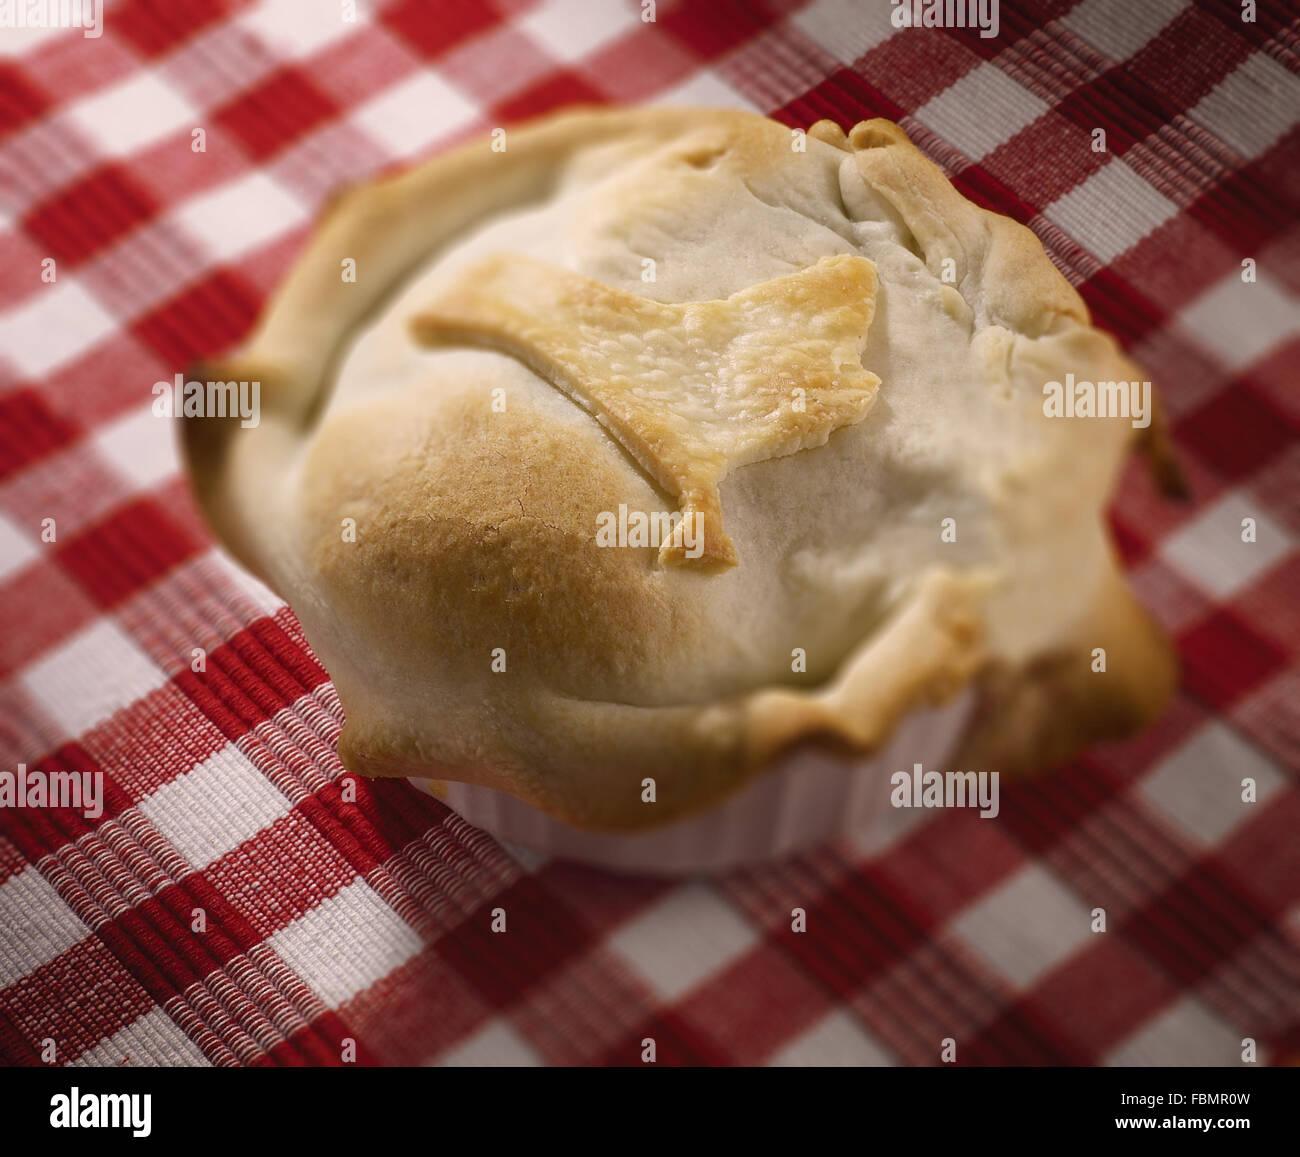 Muffin auf aufgegebenes Tischdecke Stockbild